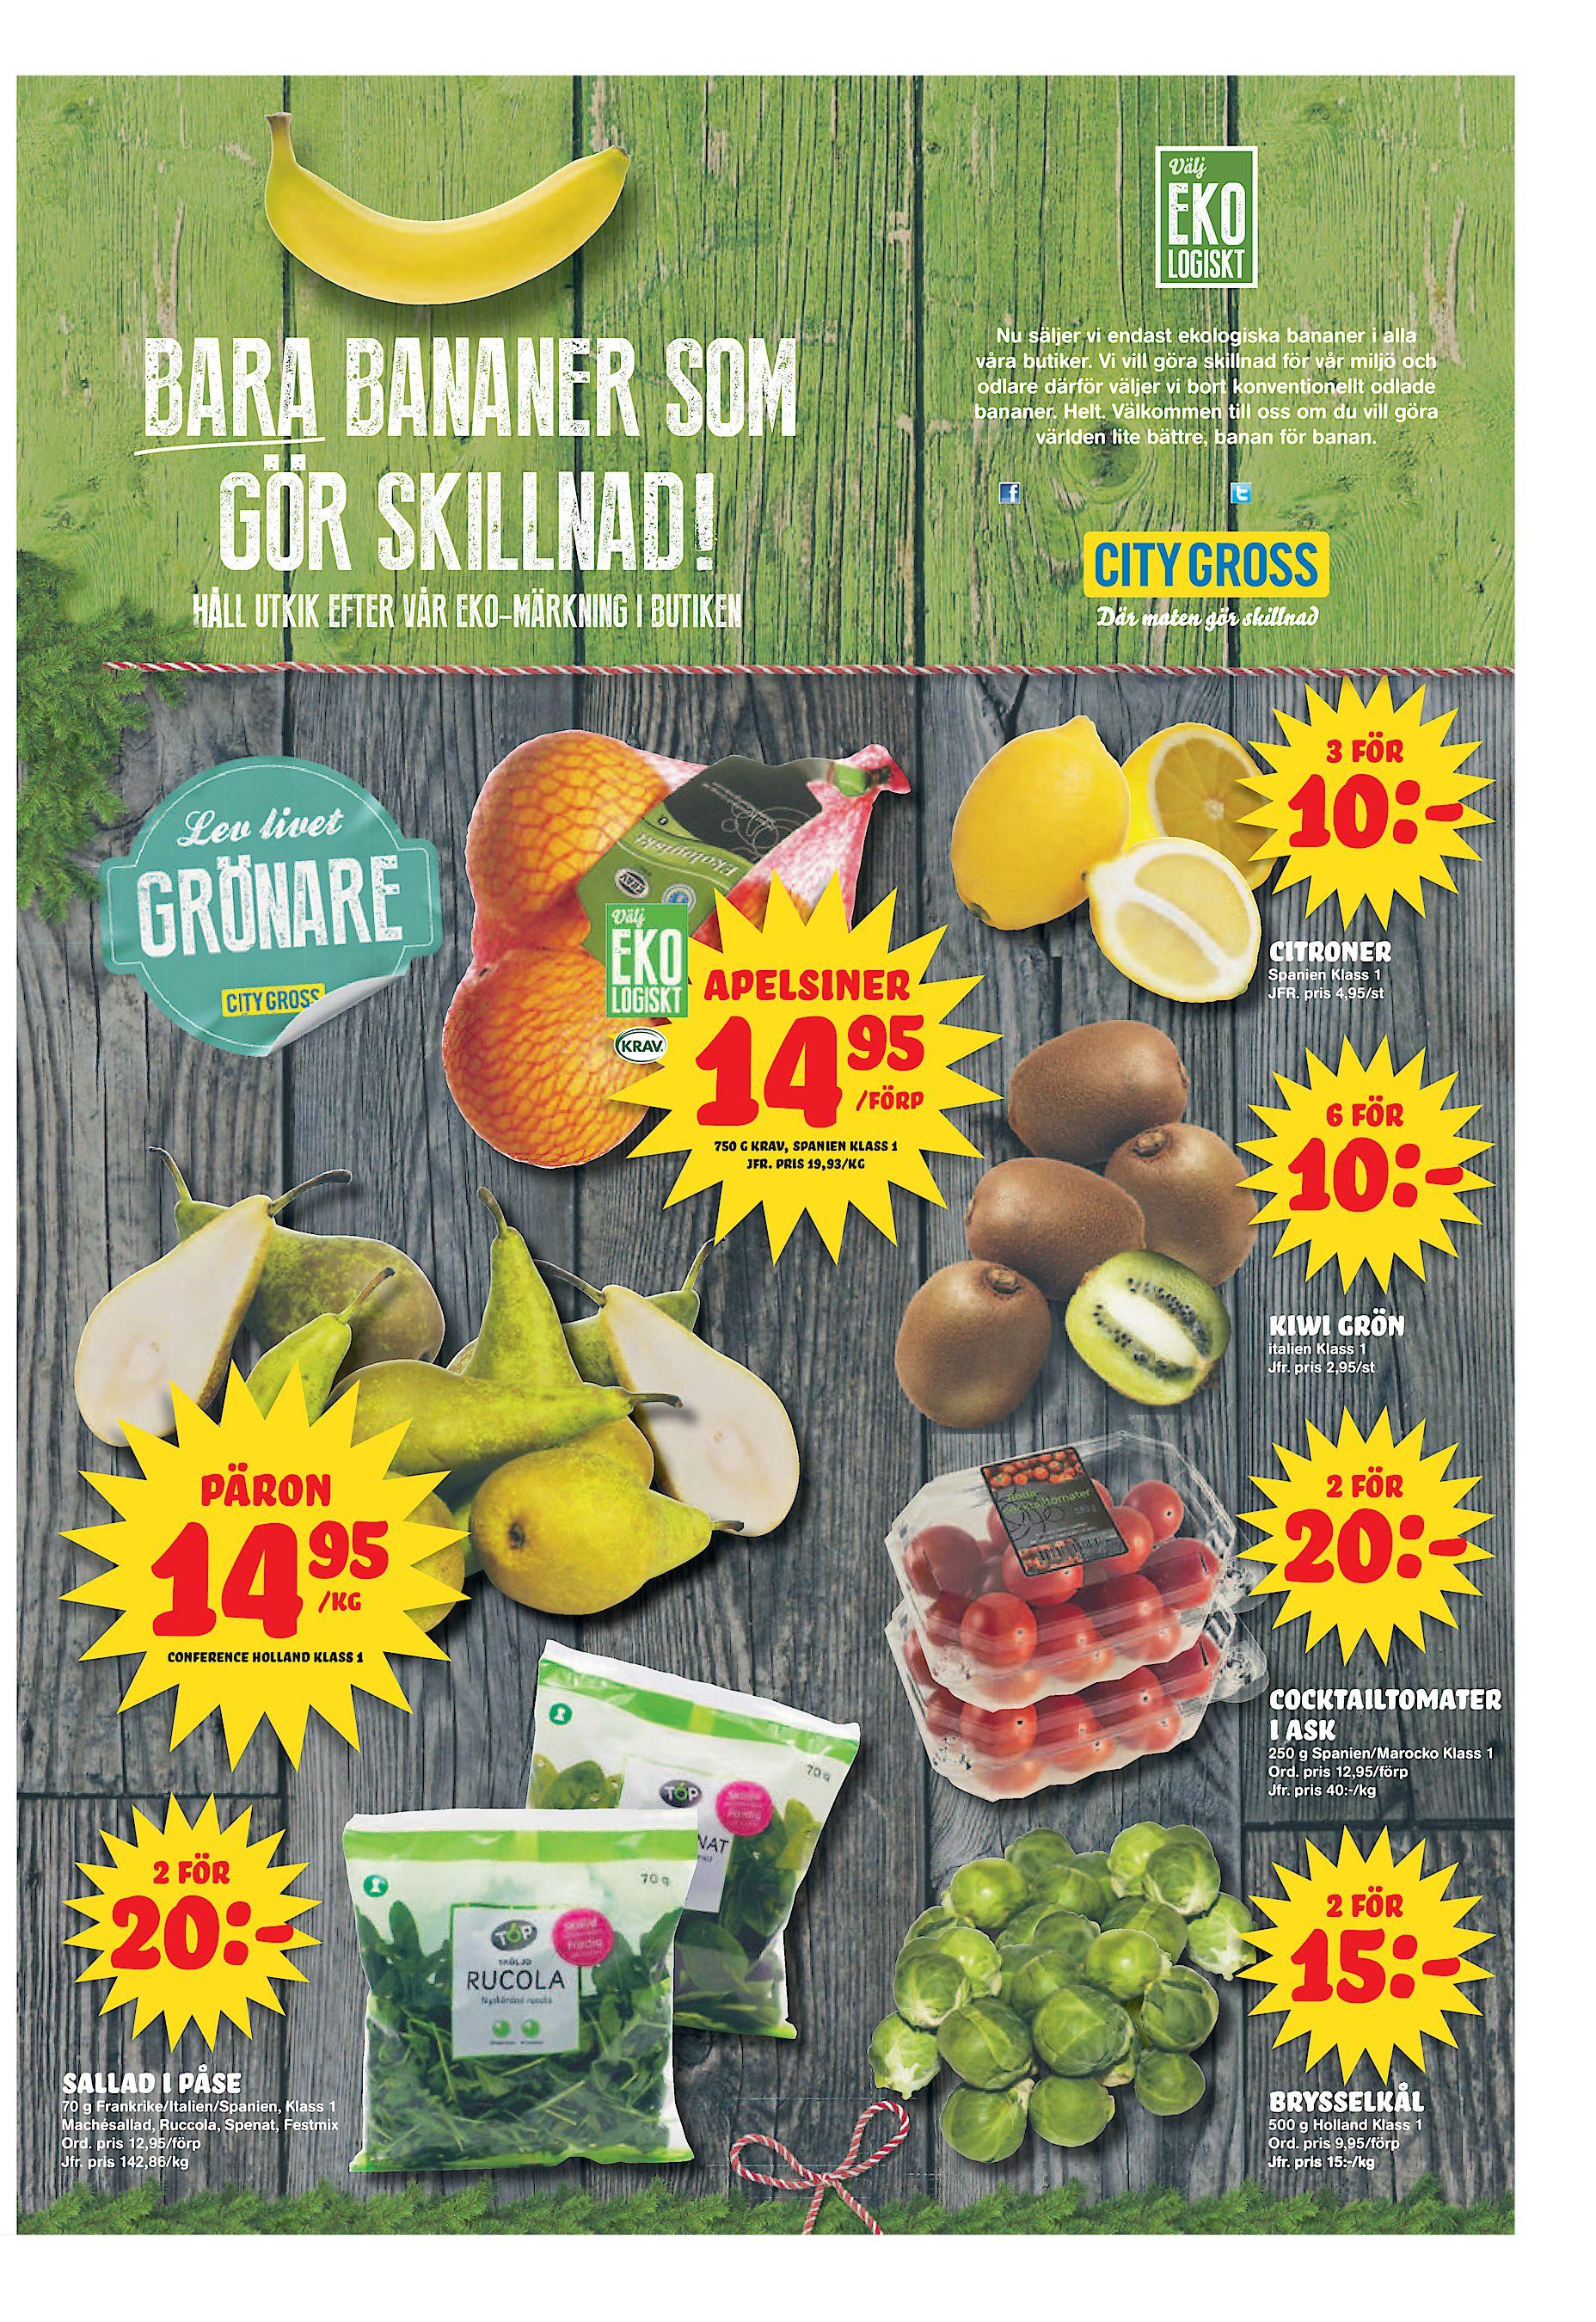 671880a6d11 Nu säljer vi endast ekologiska bananer i alla våra butiker. Vi vill göra  skillnad för vår miljö och odlare därför väljer vi bort konventionellt  odlade ...